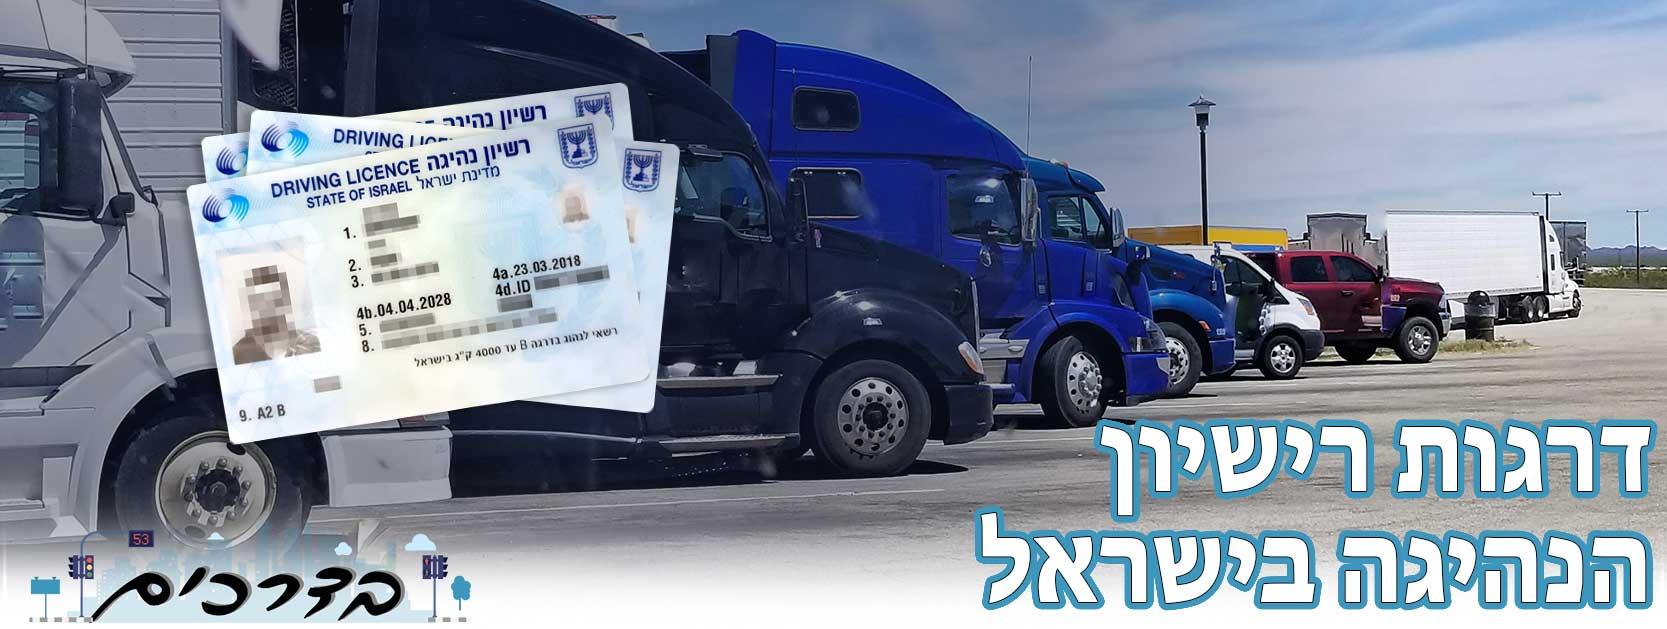 דרגות רישיון הנהיגה בישראל